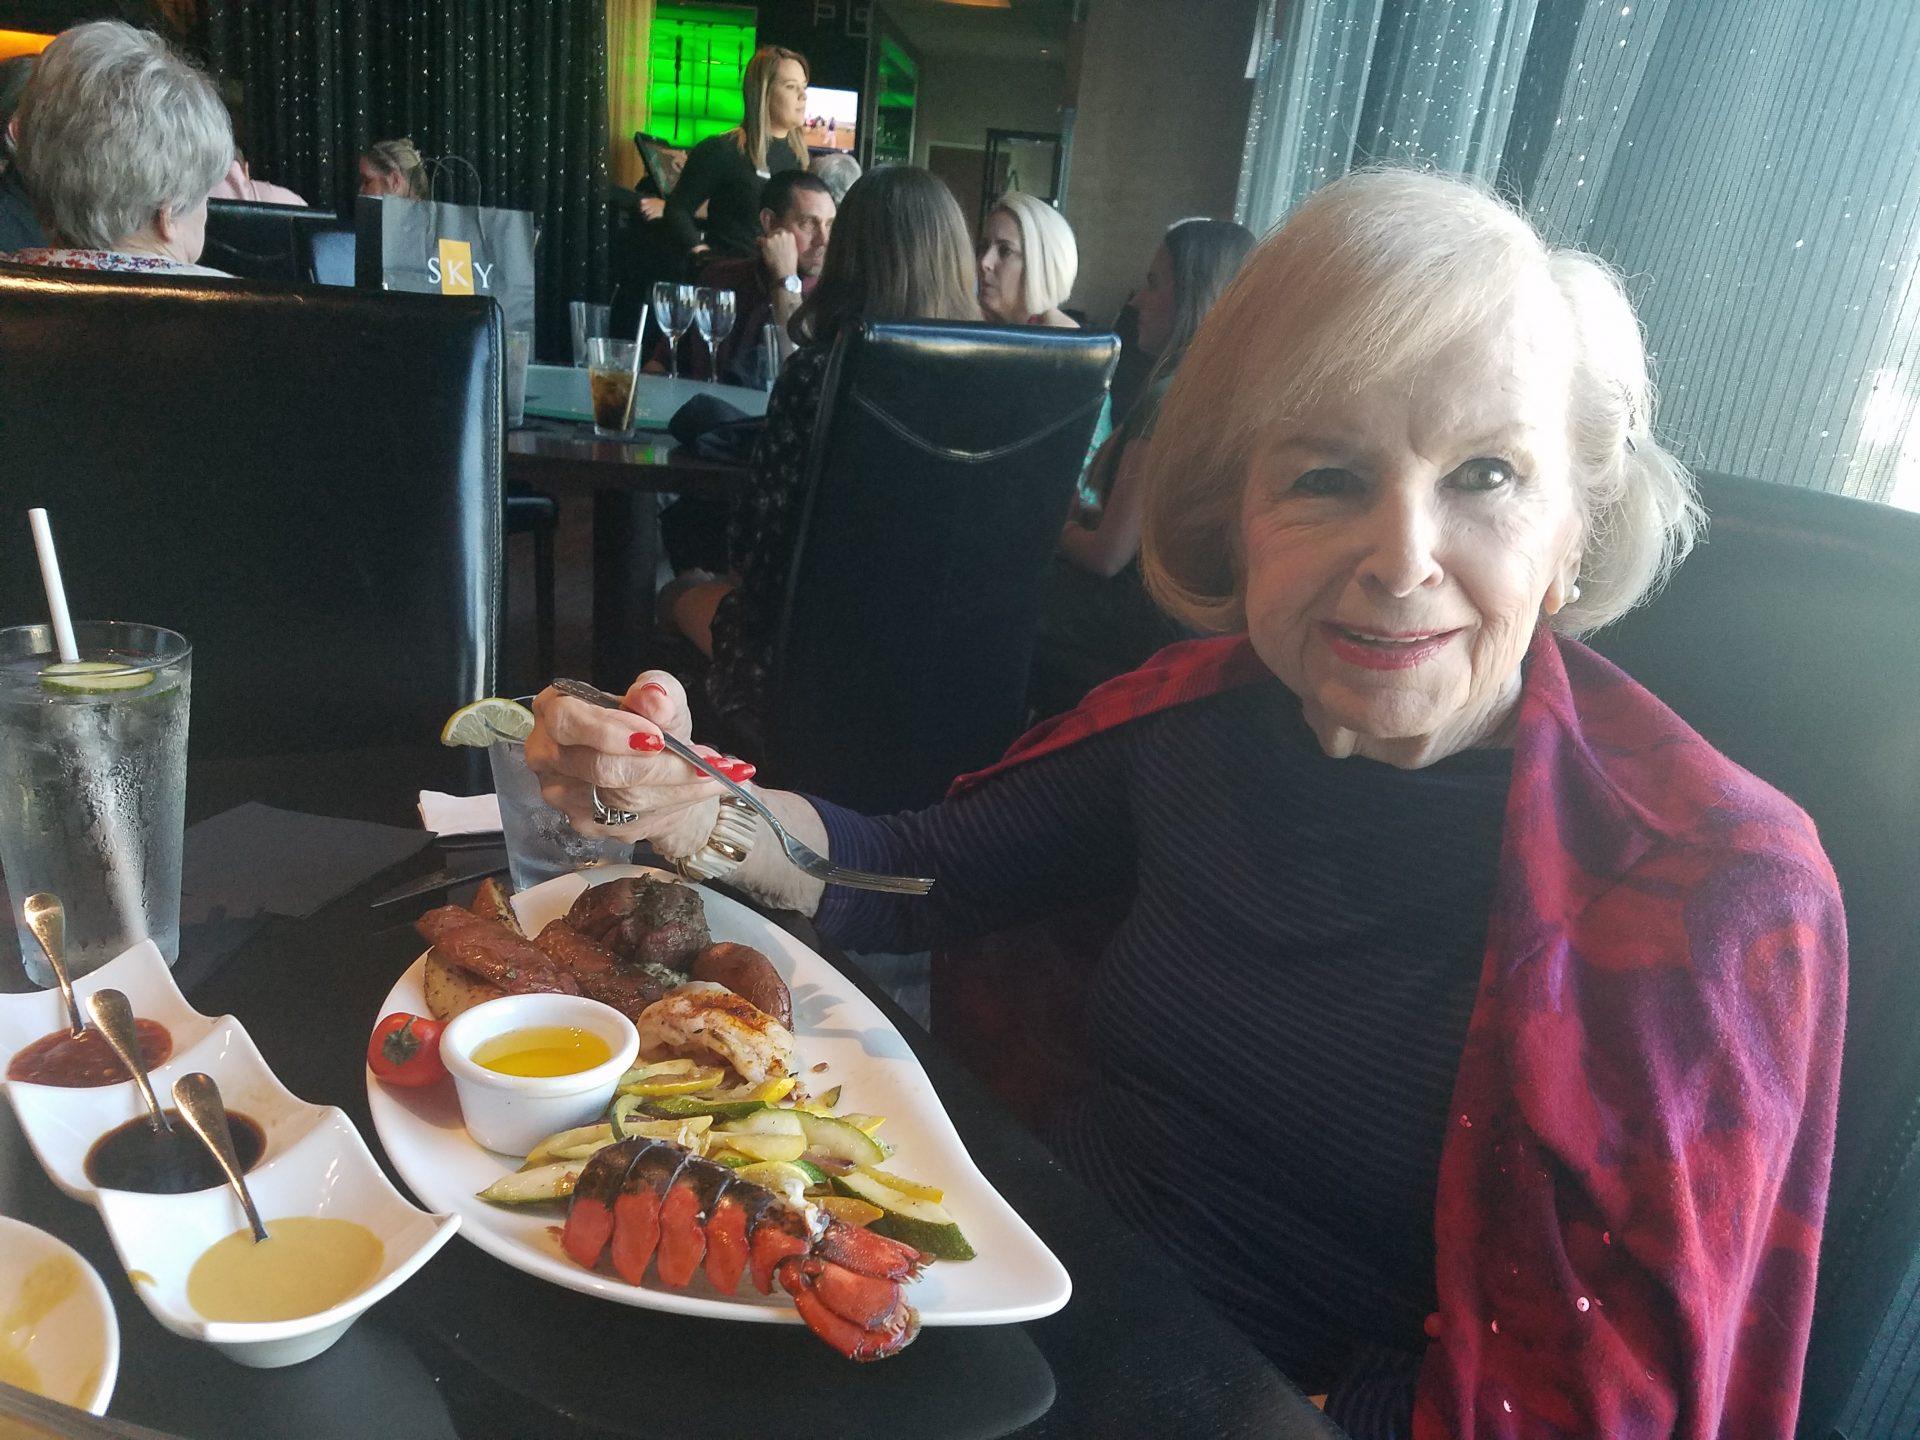 Fine dining at Sky Restaurant in Ocala!